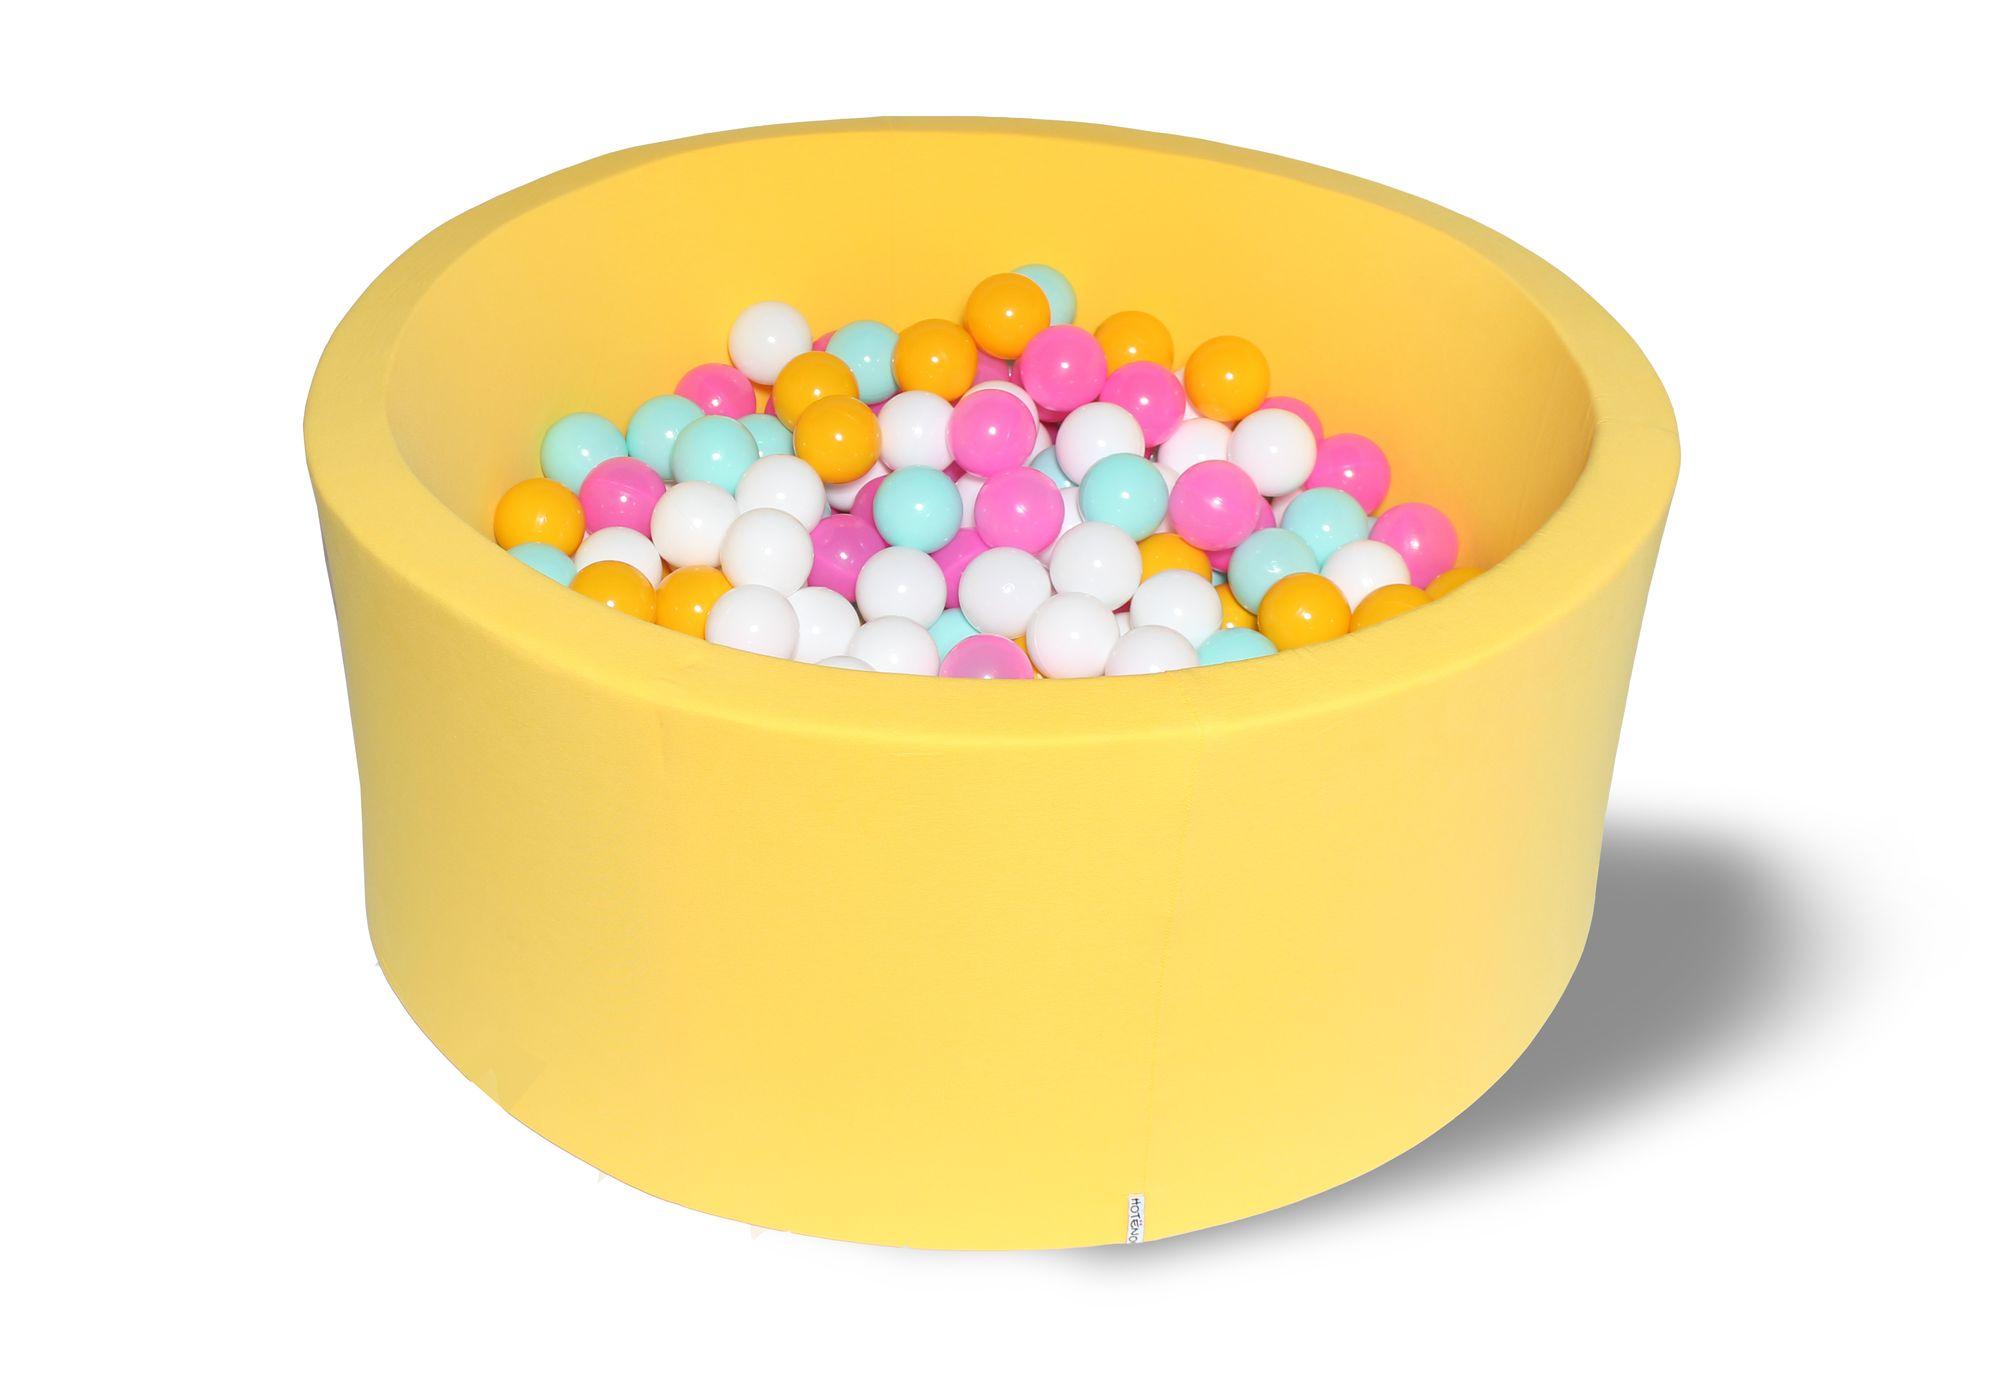 Сухой игровой бассейн Лимонная жвачка желтый 40см